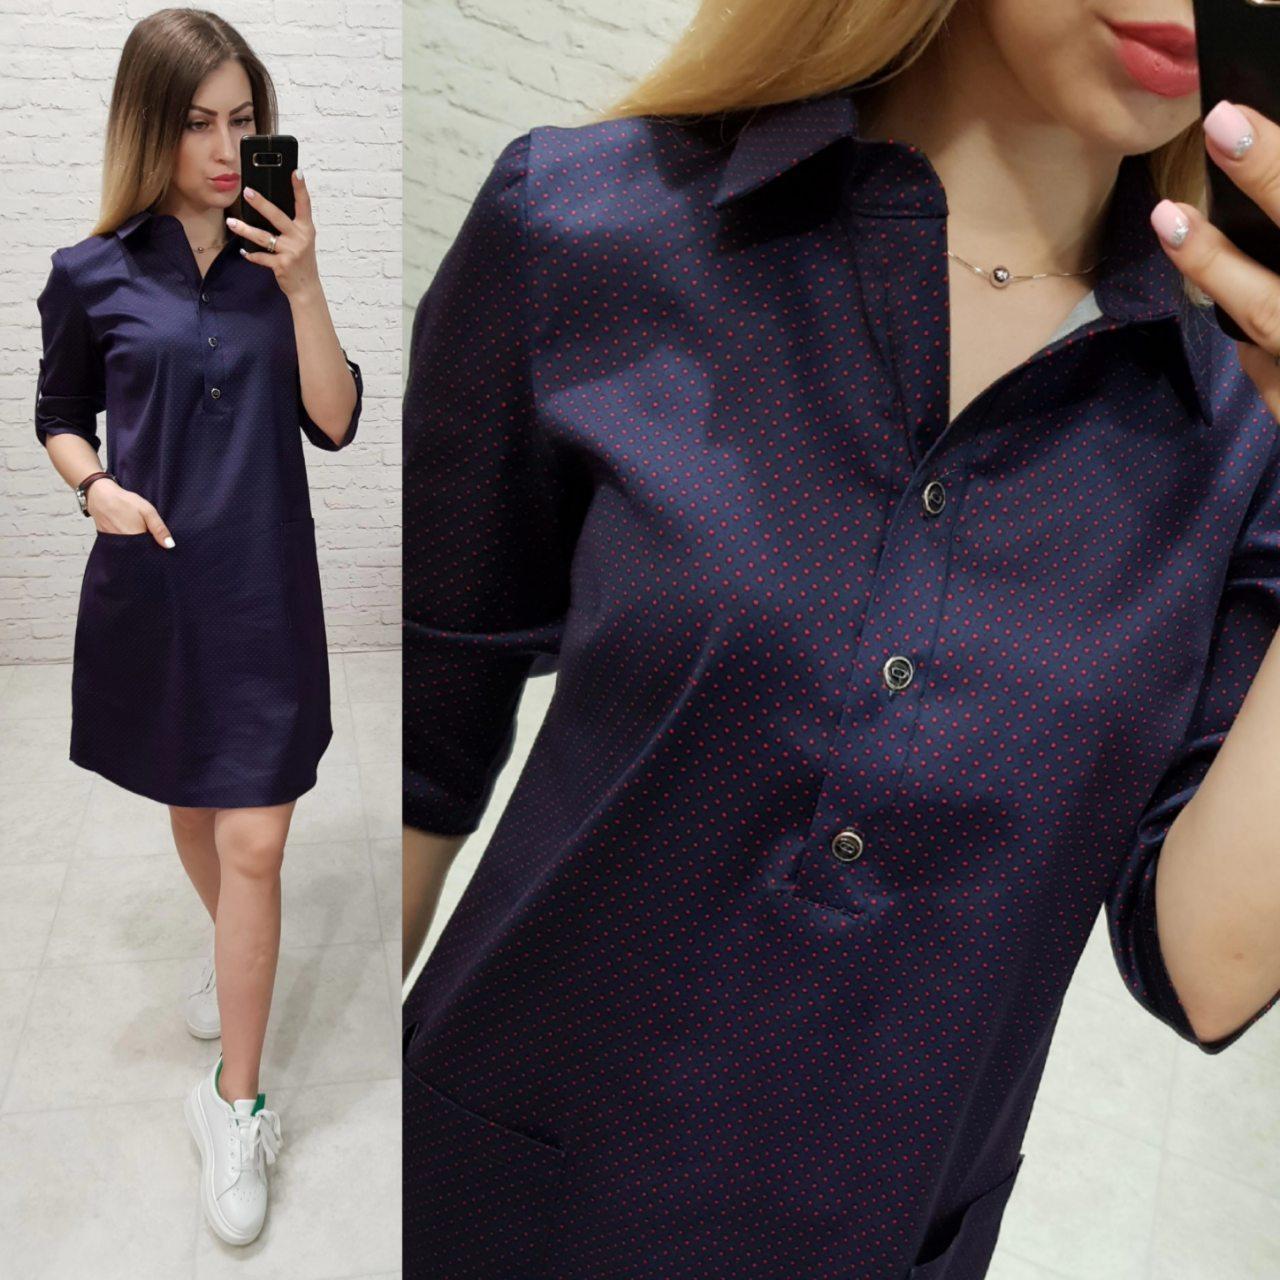 Платье-рубашка, модель 831, цвет - темно синий в красный горох